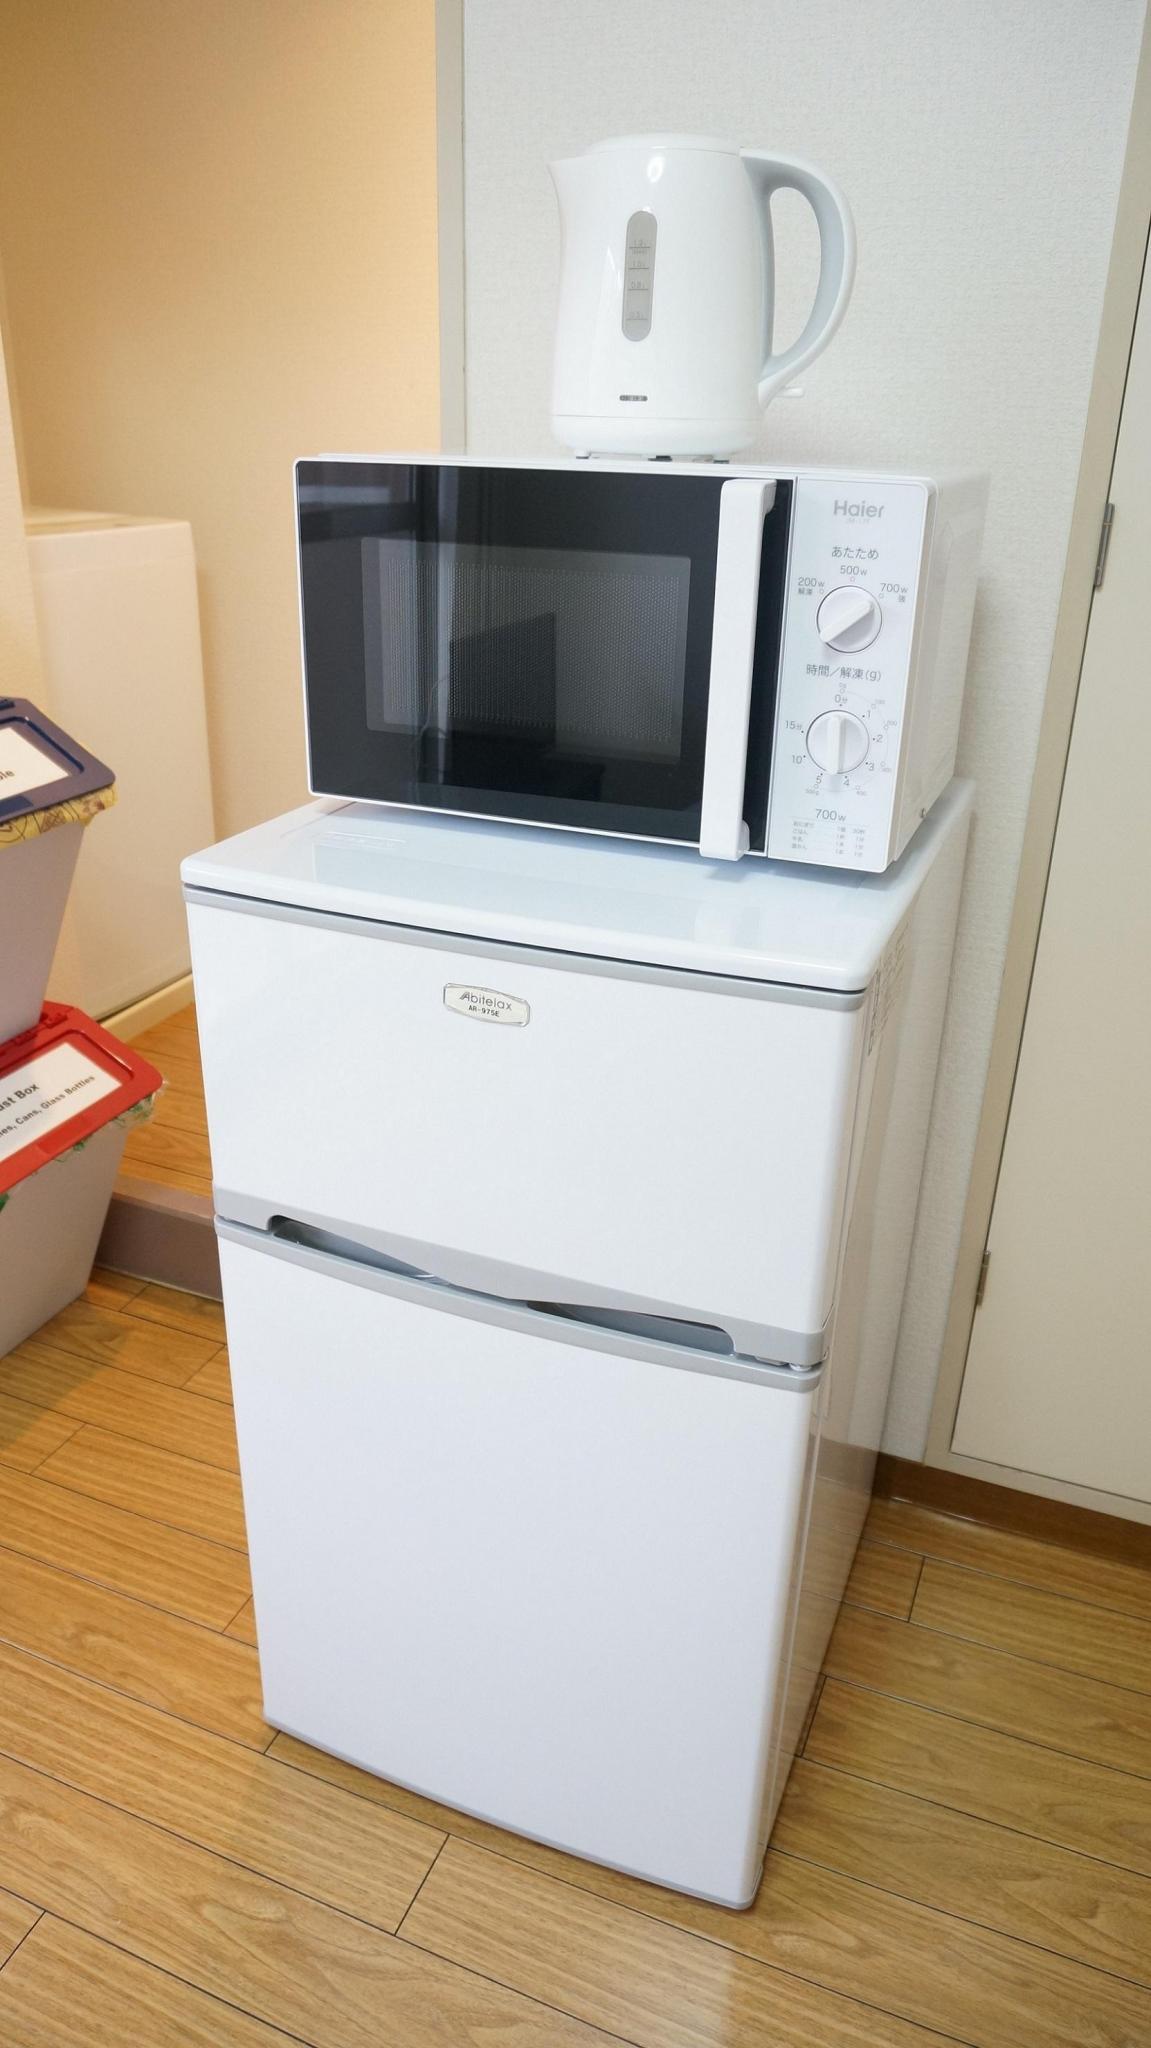 1R Apartment - Fukakusacho - Kyoto-shi Shimogyo-ku - Kyoto - Japan ...